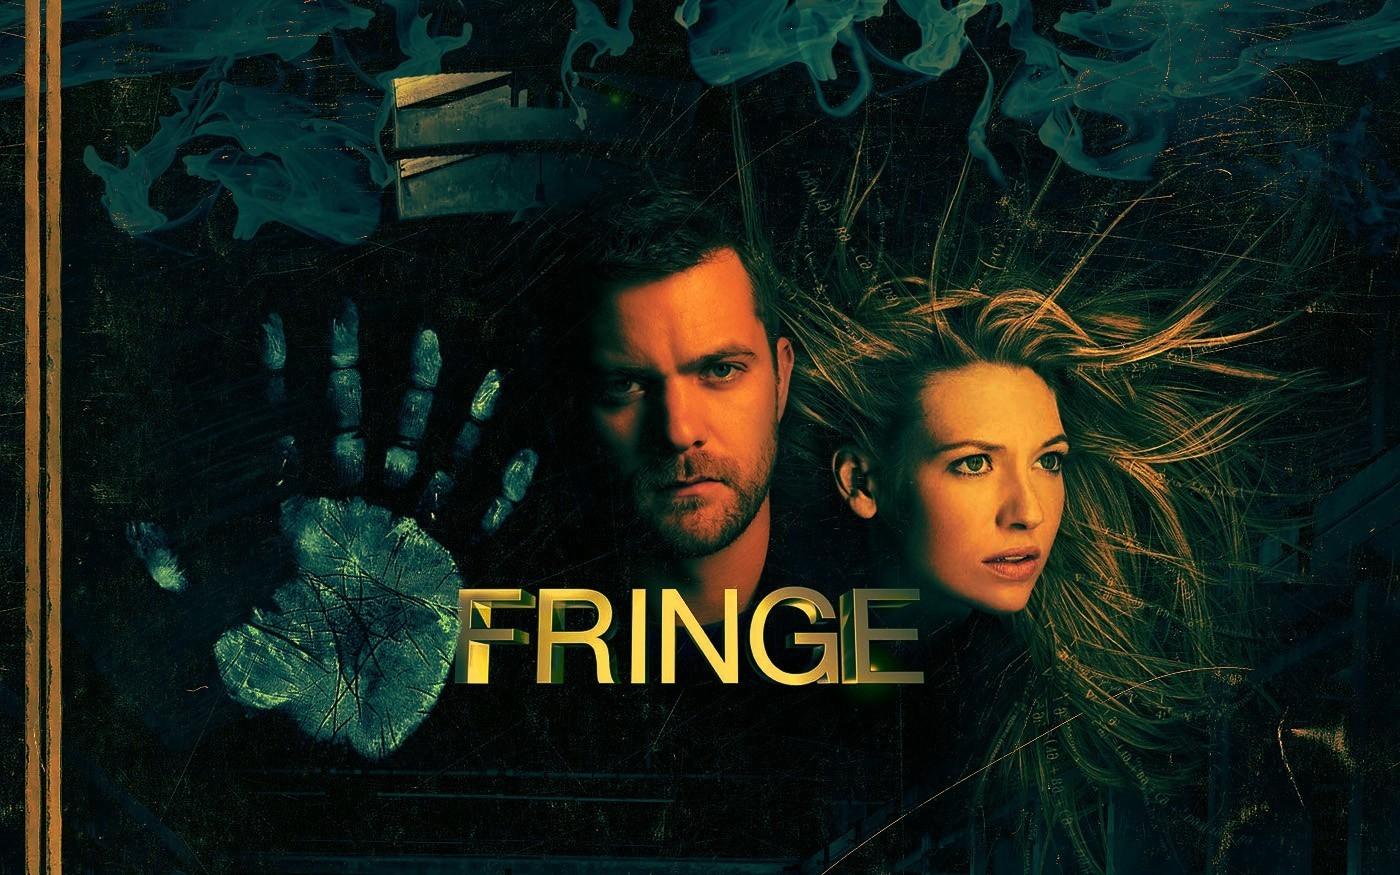 fringe-fringe-2455683-1400-875